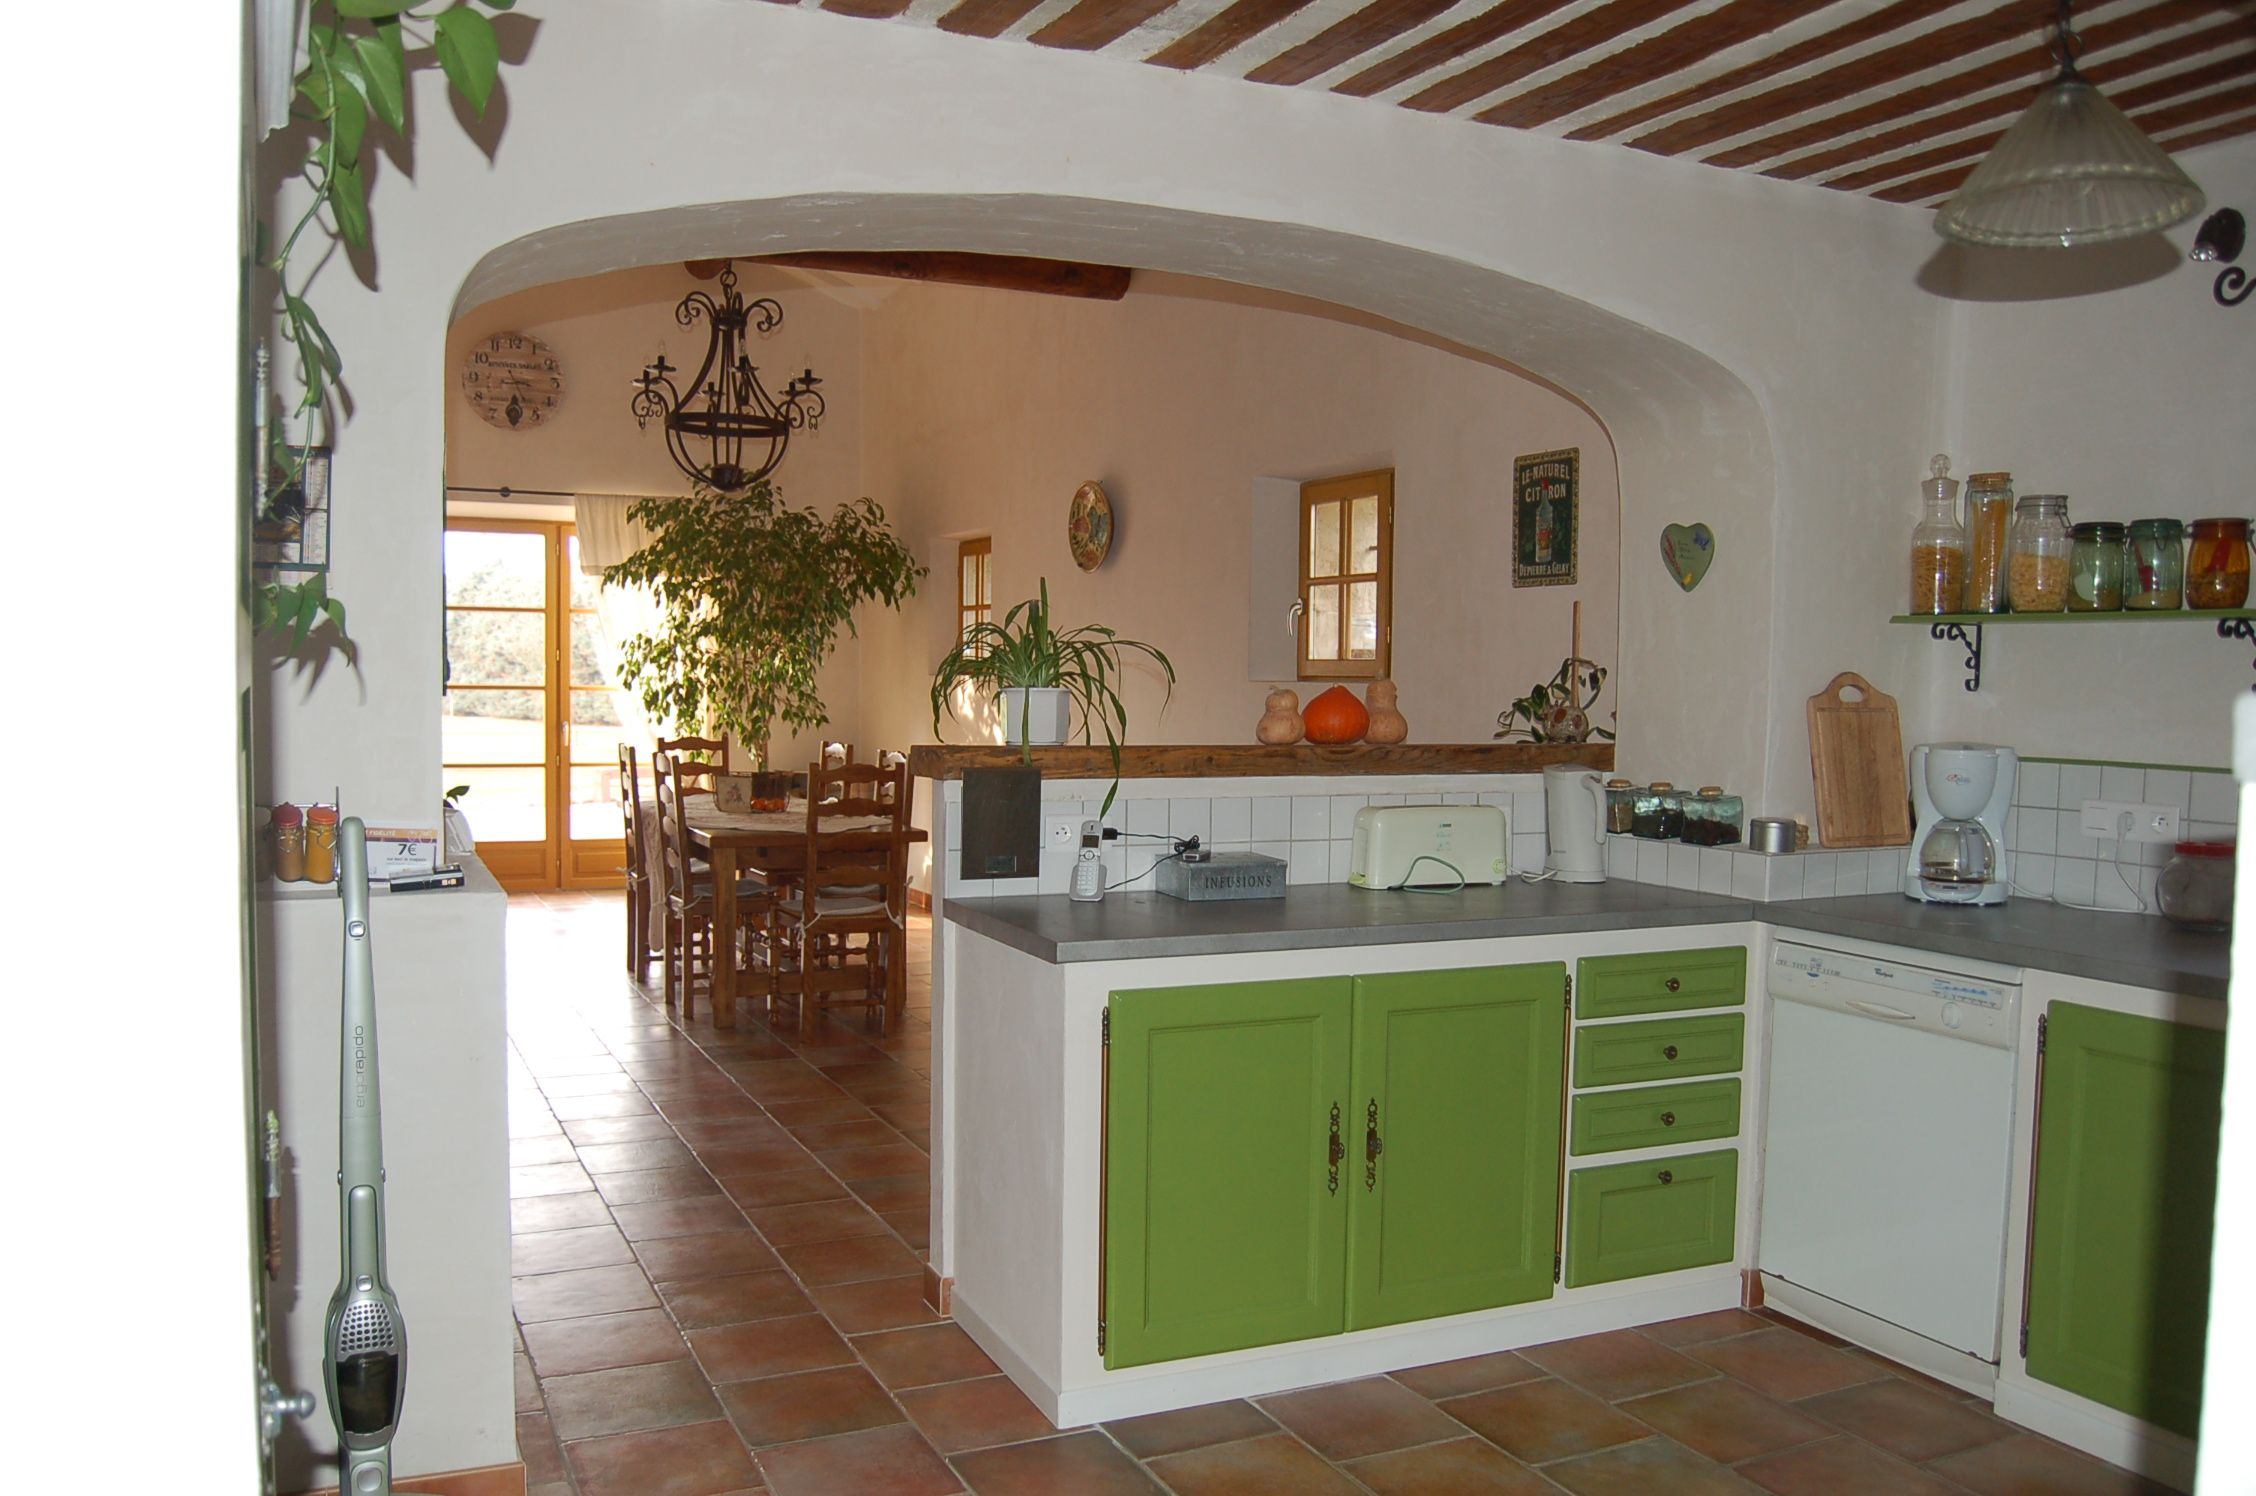 küche ytong steinen selber bauen : selber bauen, k u00fcche mauern ...